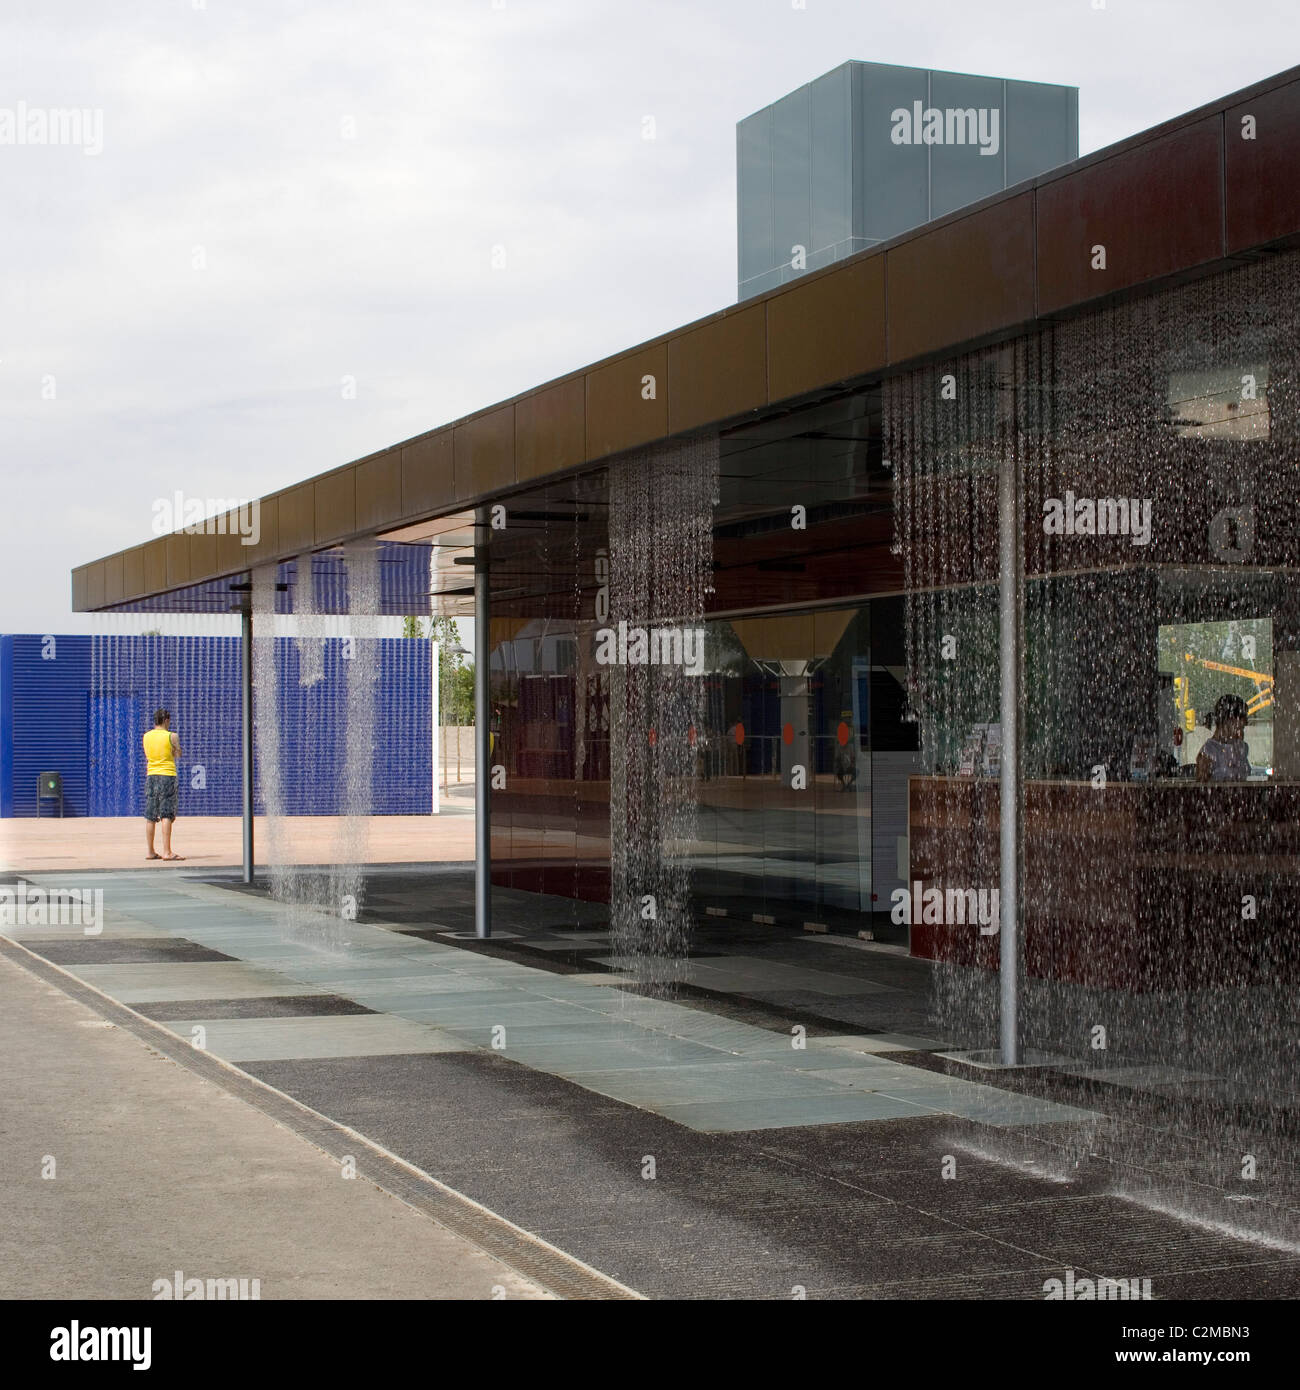 Digital Water Pavilion, Expo Zaragoza 2008, Zaragoza. - Stock Image